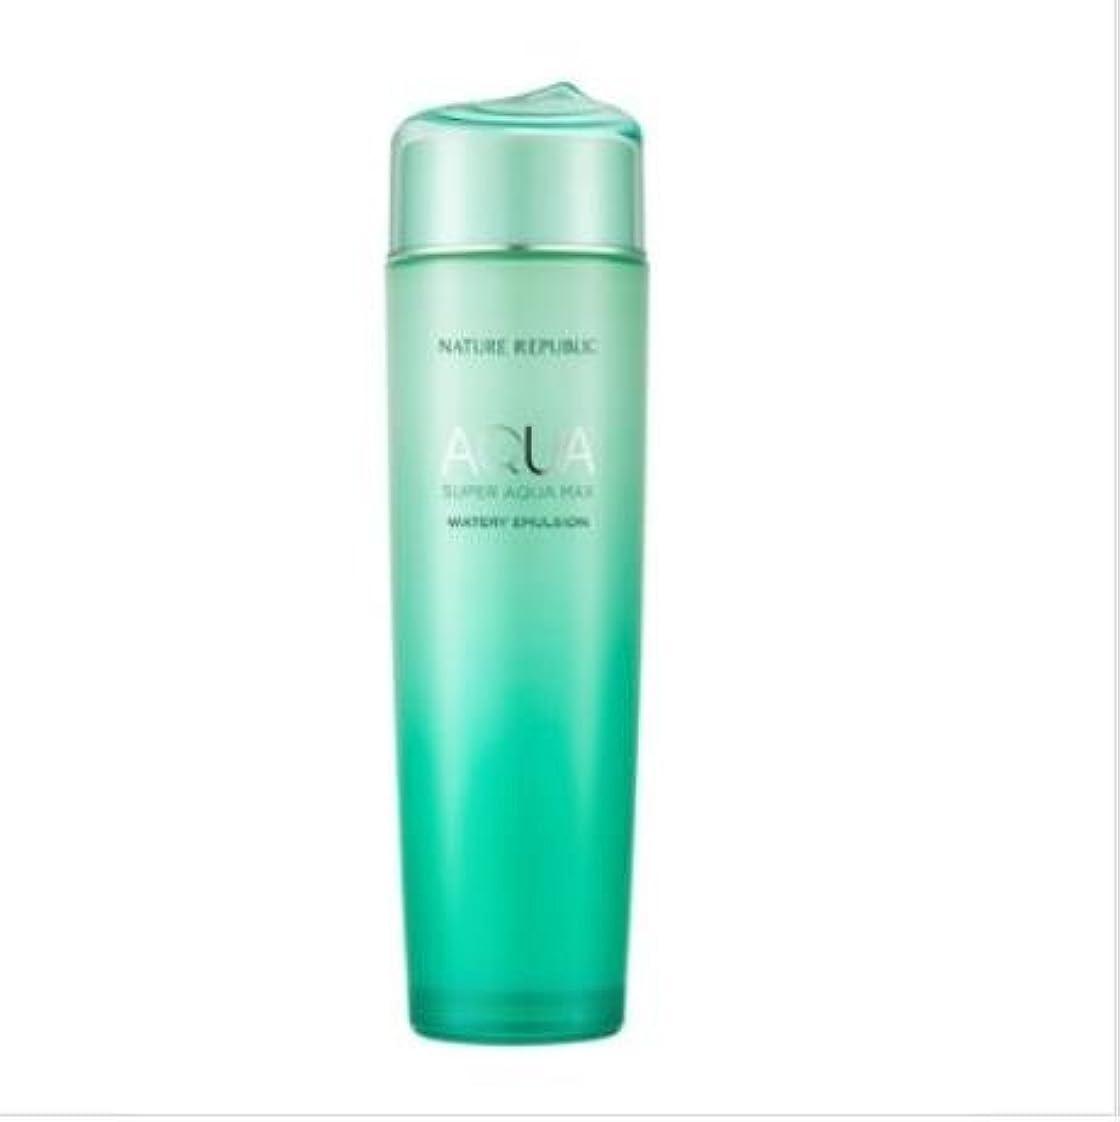 感謝枠立派な[ネイチャーリパブリック] NATURE REPUBLIC [スーパー アクア マックス 水分 エマルジョン](NATURE REPUBLIC Super Aqua Max Watery Emulsion)150ml [...